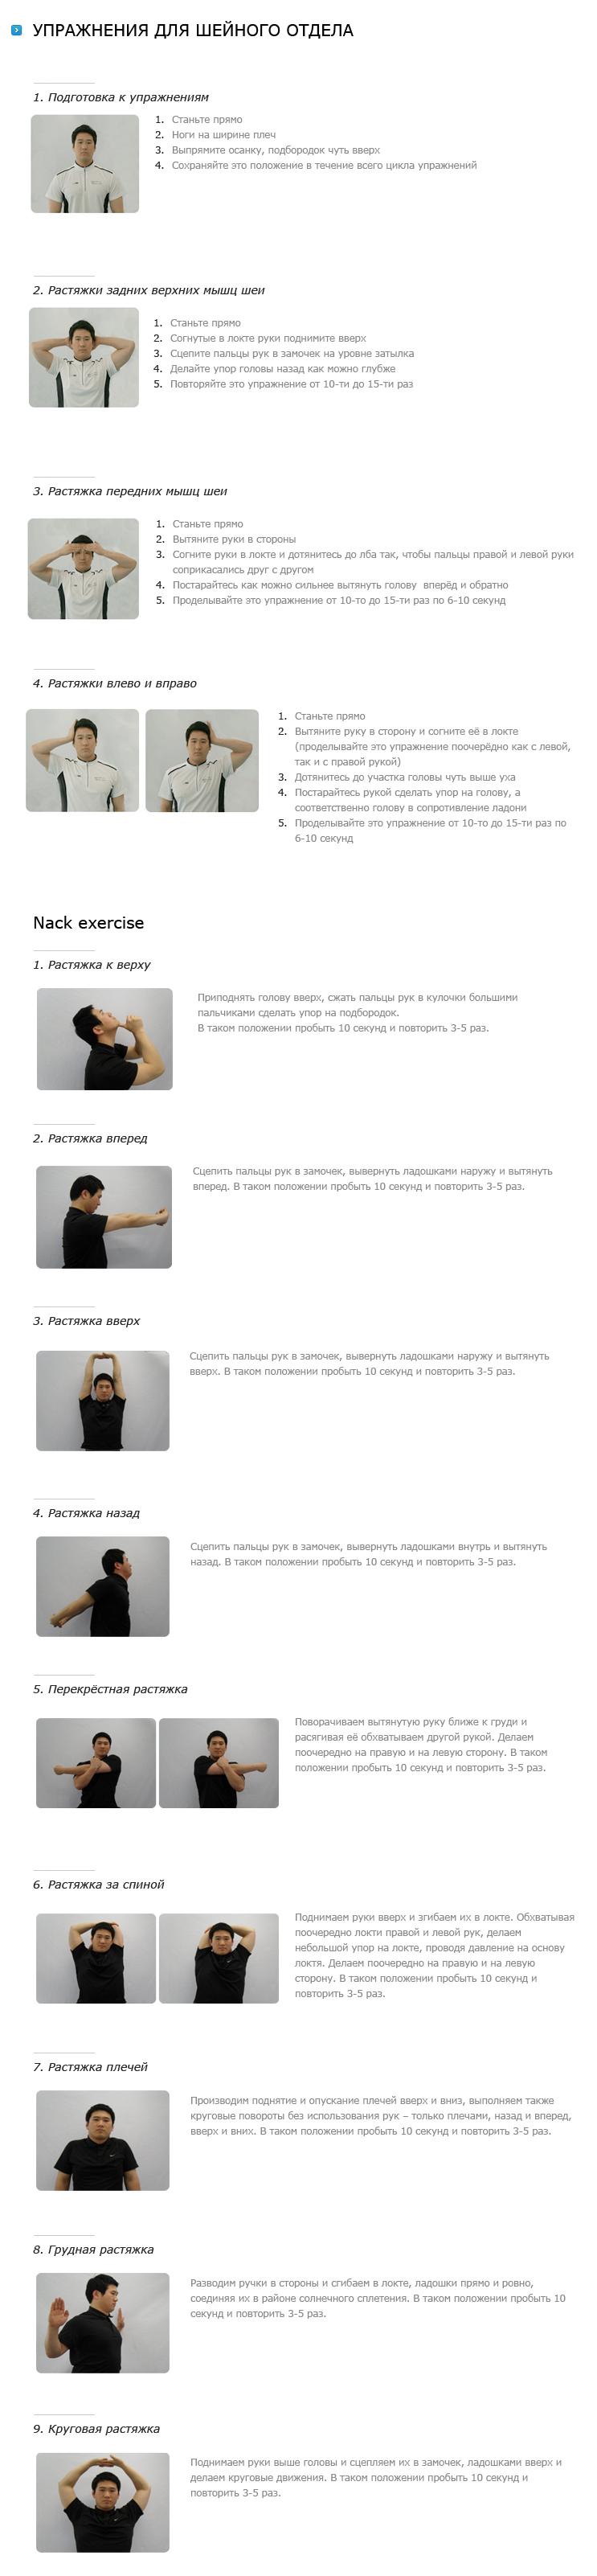 Упражнения в домашних условиях при шейном остеохондрозе 26